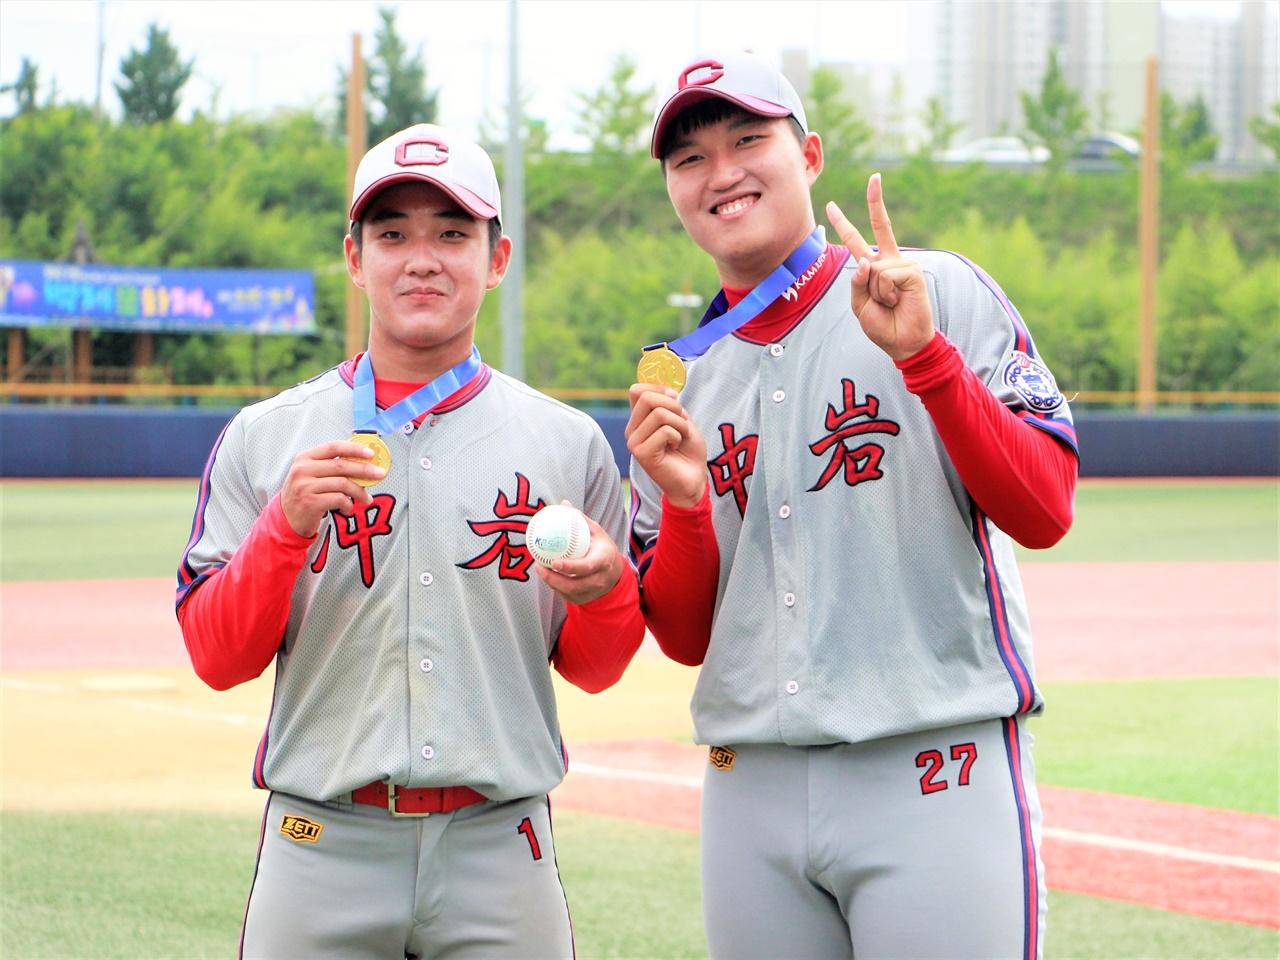 고교야구 선수로서 마지막 대회를 우승으로 장식한 두 선수. 왼쪽이 충암고 송승엽 선수, 오른쪽이 이주형 선수.